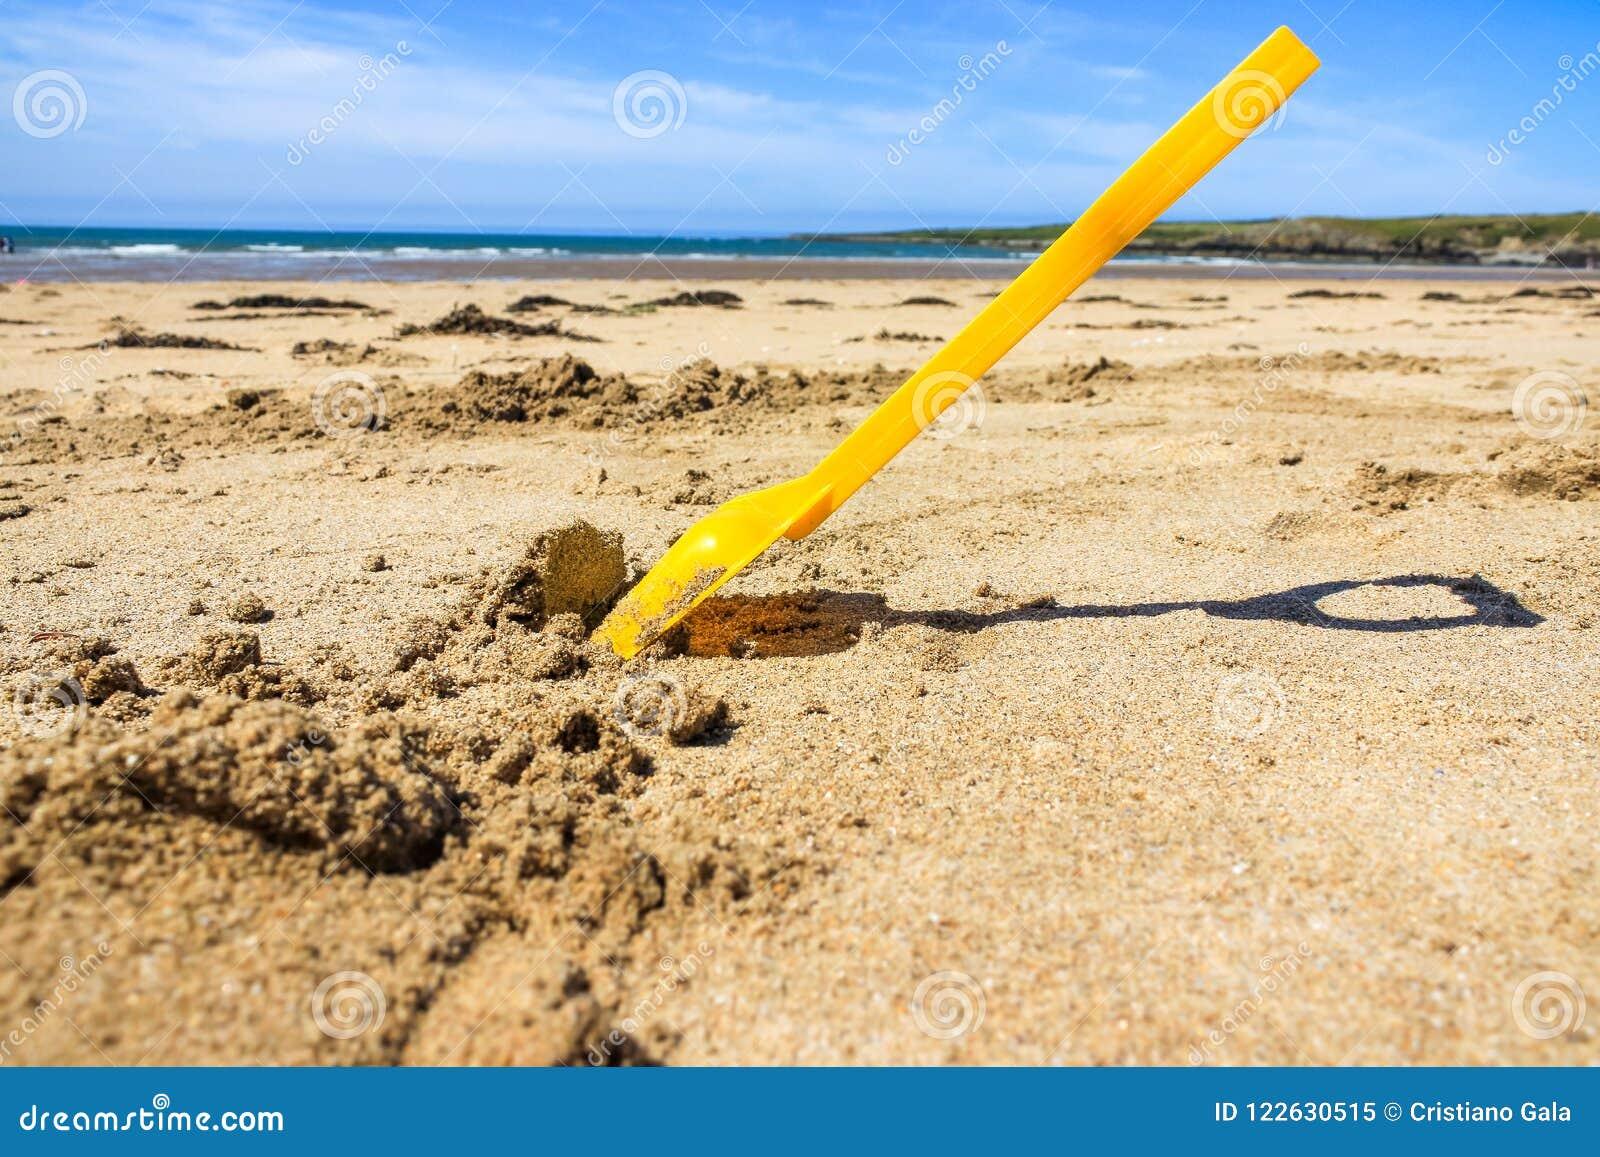 Игрушка лопаты, пляж Уэльса Великобритании